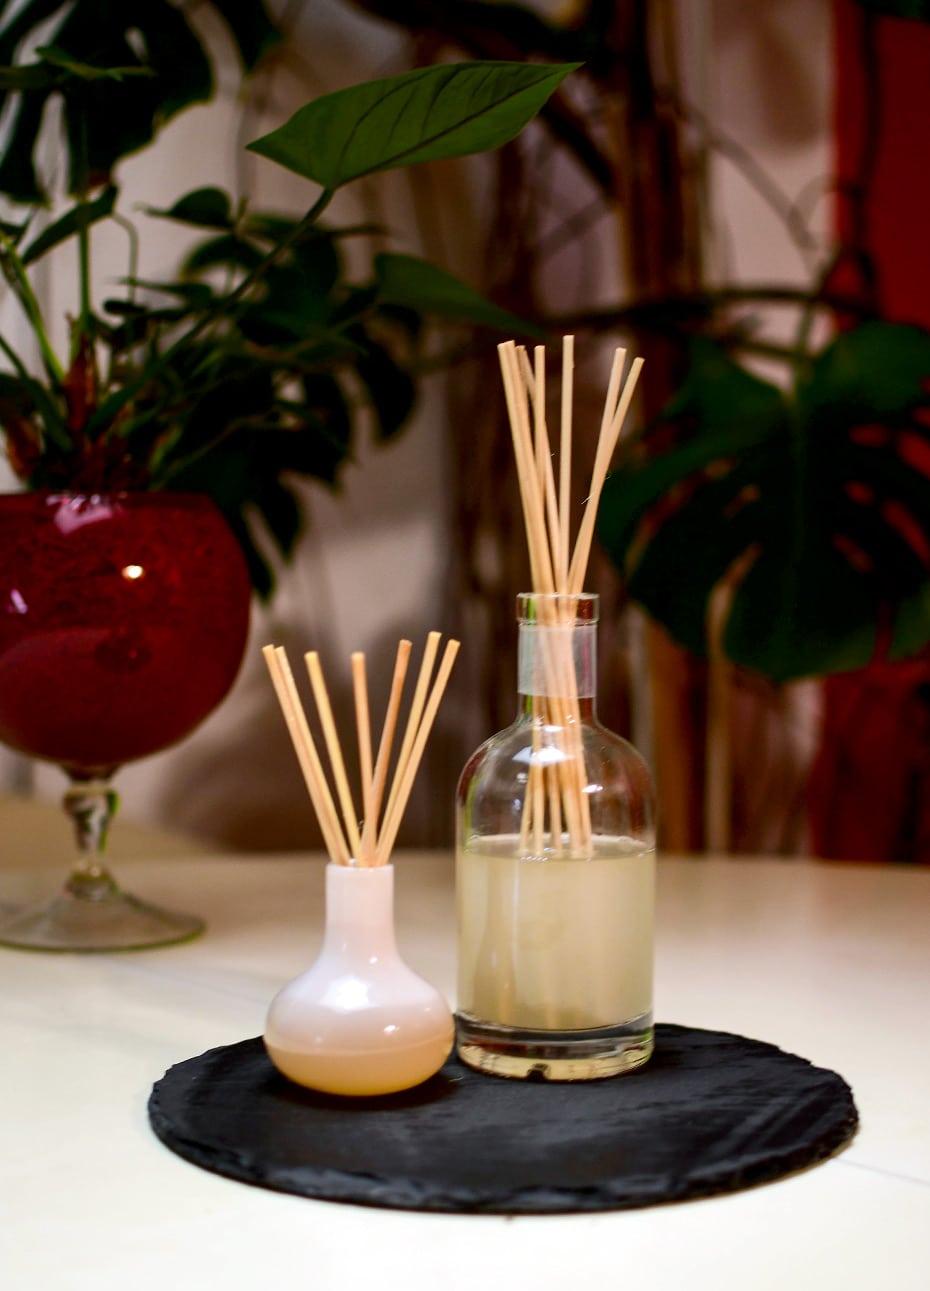 Selbstgemachte Aromavase mit Raumduftstäbchen in Alkohol | Schwatz Katz